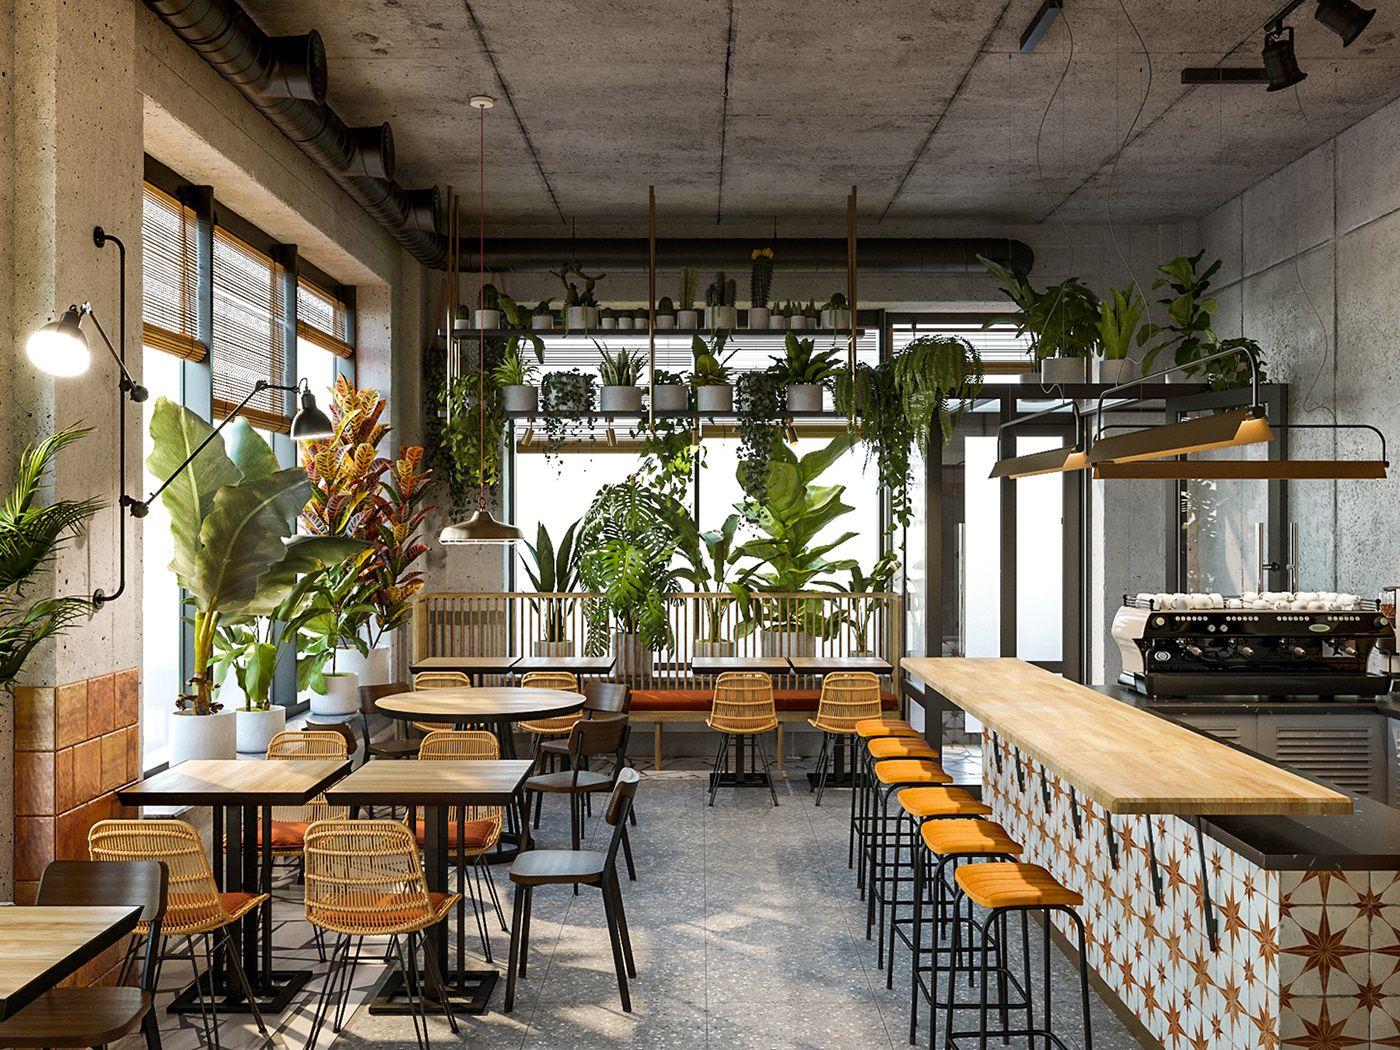 Biaya Jasa Desain Interior Cafe & Rumah Denpasar, Bali Terfavorit